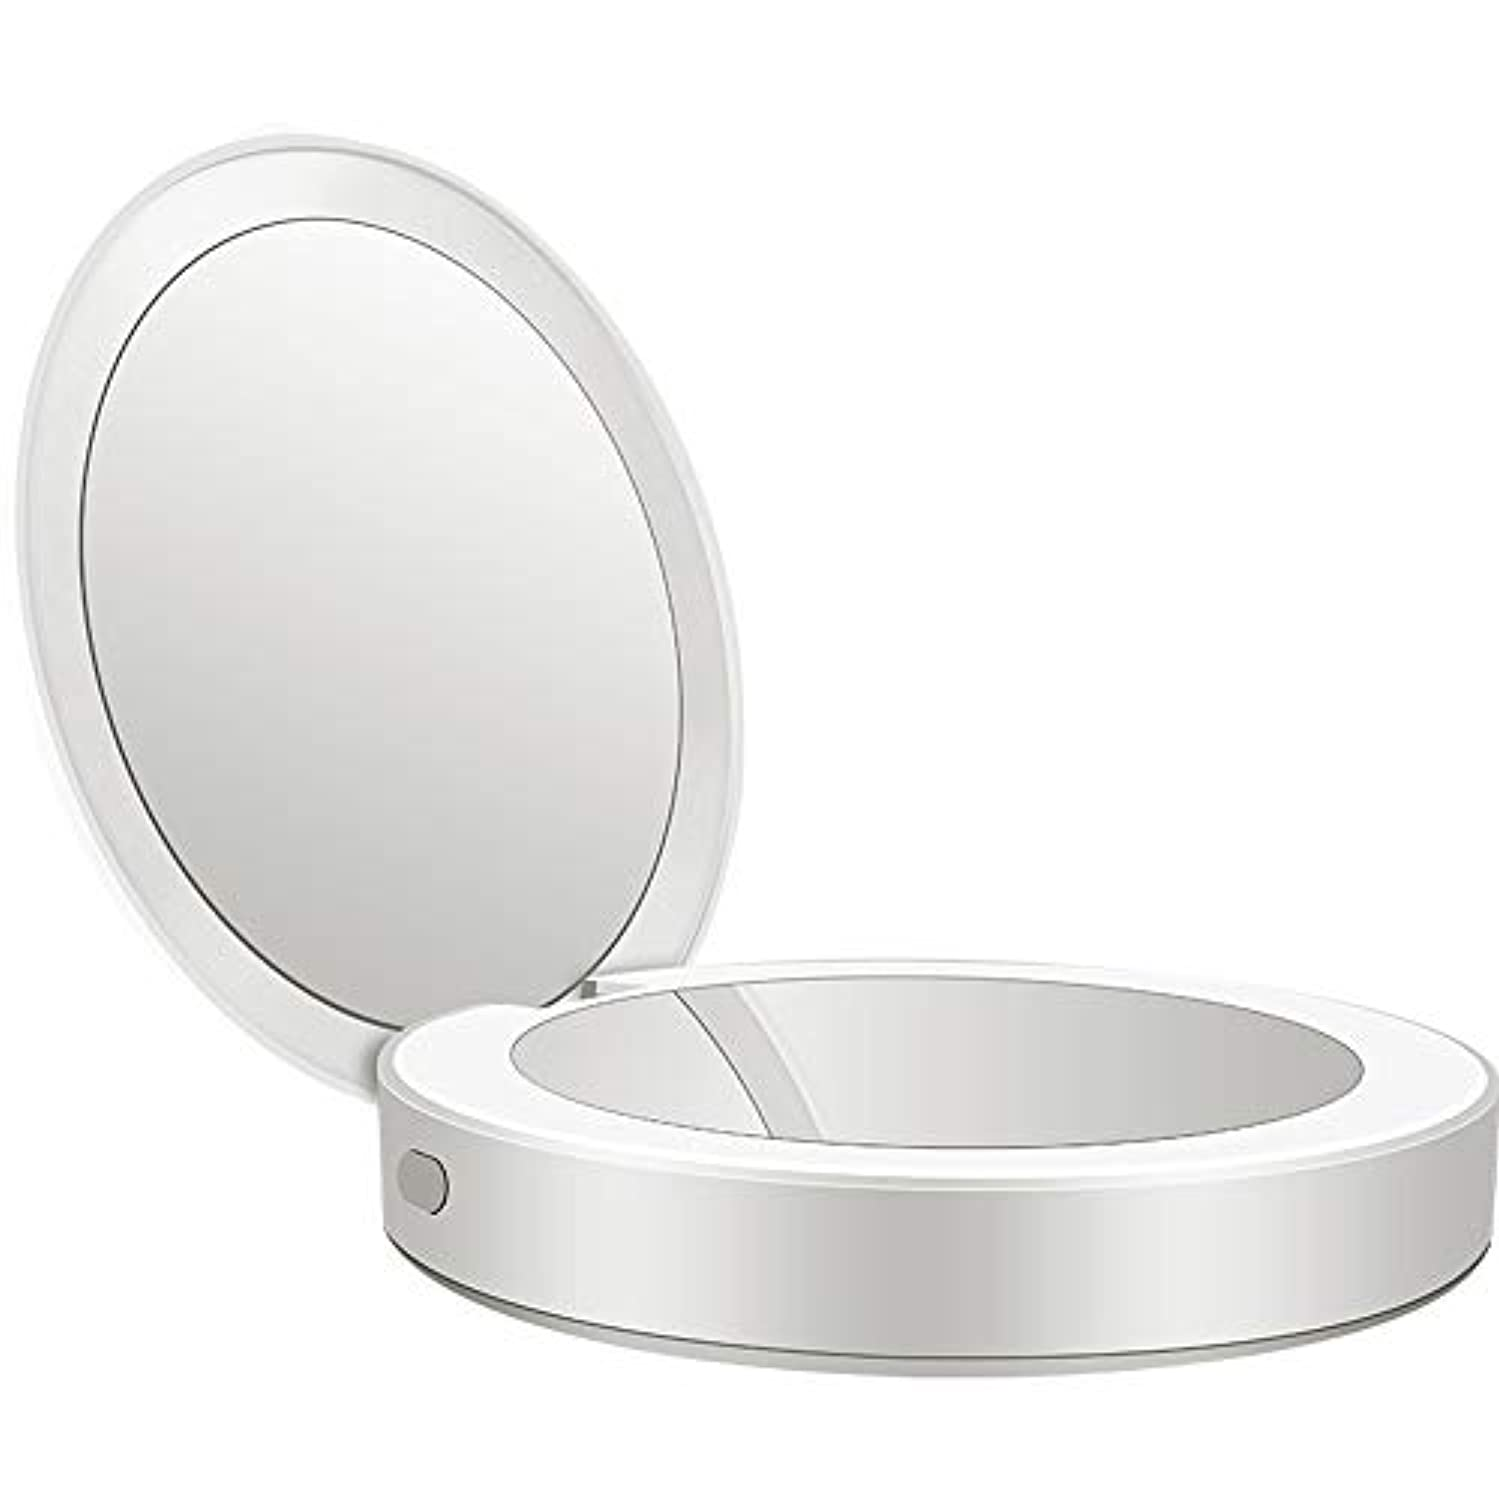 ラリーベルモントセーター薄い流行の 新しい多機能ポータブル折りたたみLEDライト化粧鏡フィルライト充電宝物鏡ABS素材ギフトギフトライト充電虫眼鏡 (色 : Silver)